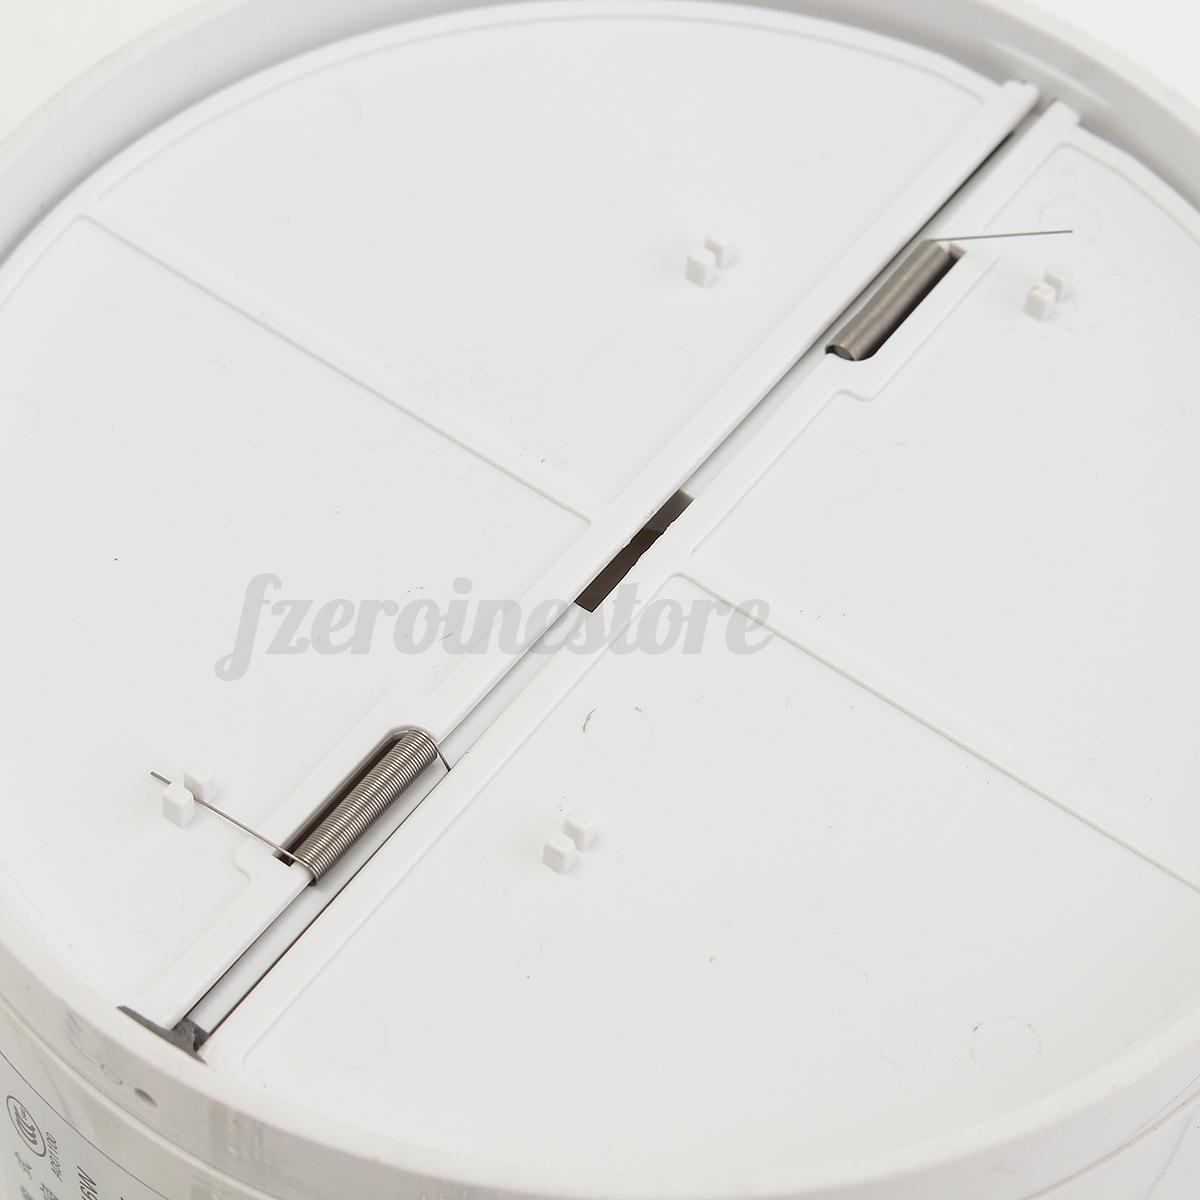 5 bad l fter wand abluft ventilator fan badl fter fenster k chen wc leise 120mm ebay. Black Bedroom Furniture Sets. Home Design Ideas